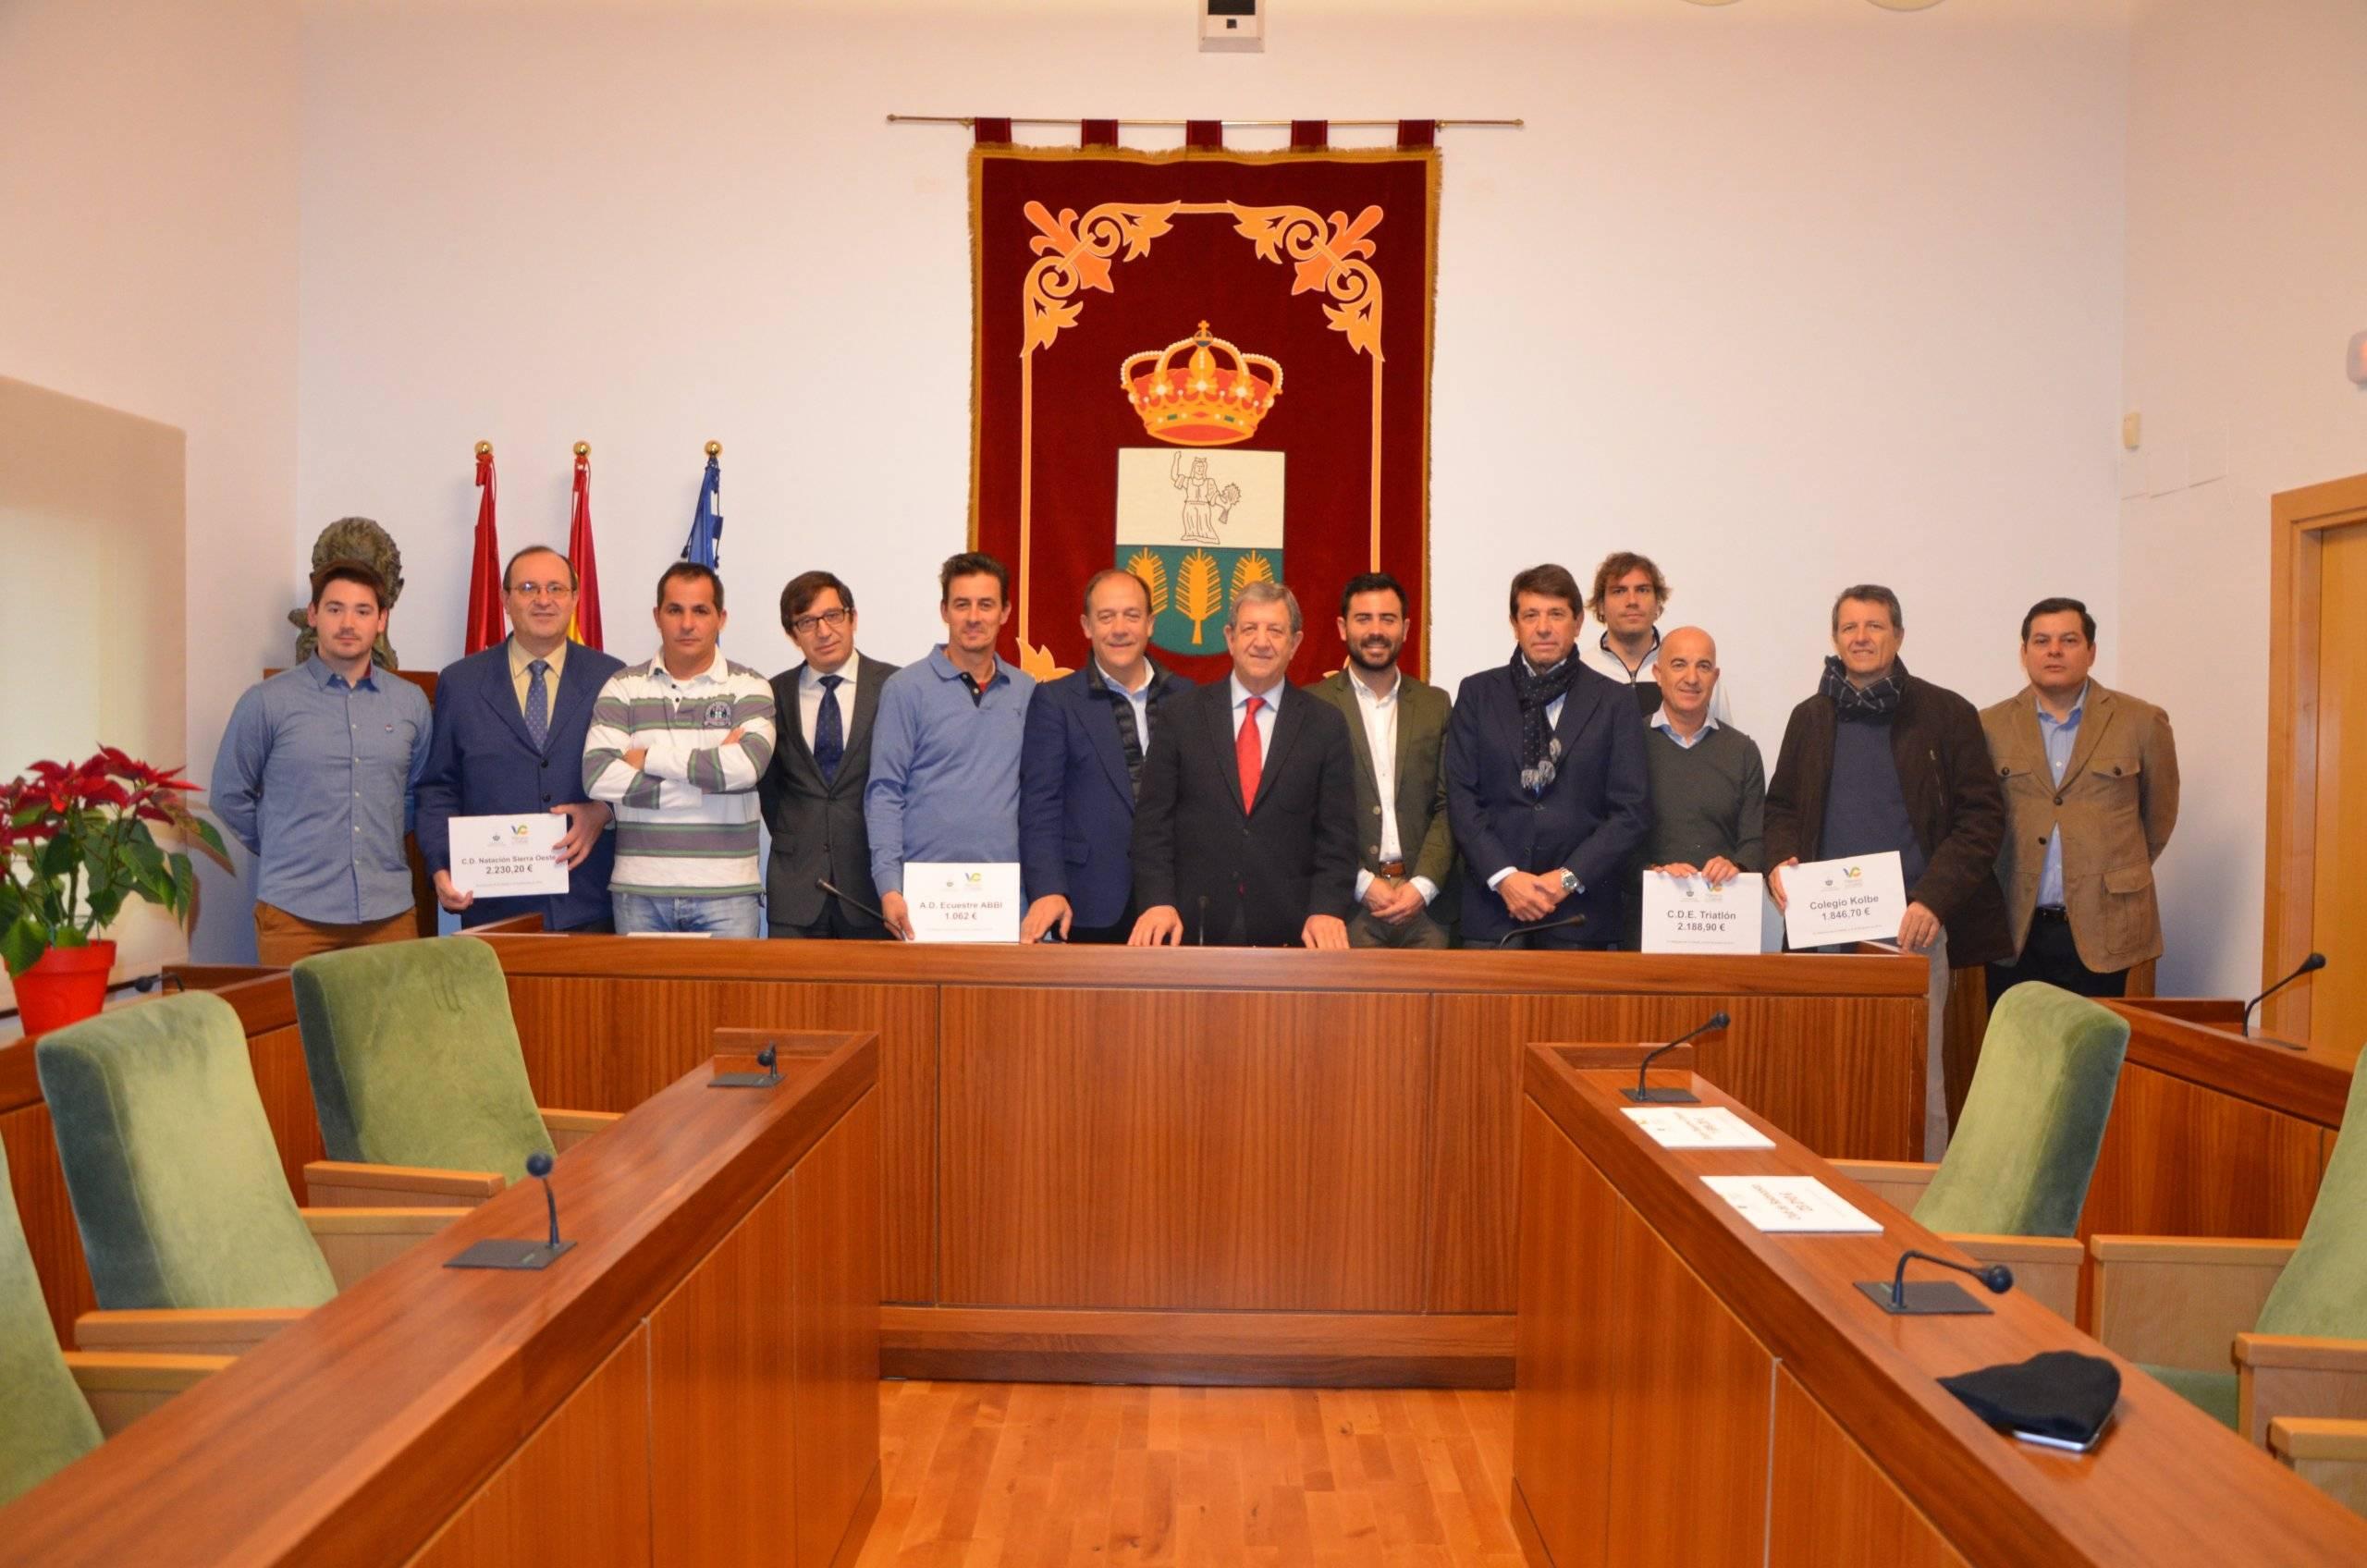 El alcalde, Luis Partida, junto al teniente de alcalde, Enrique Serrano, el concejal de Deportes, Ignacio González, y los representantes de los ocho clubes deportivos del municipio.